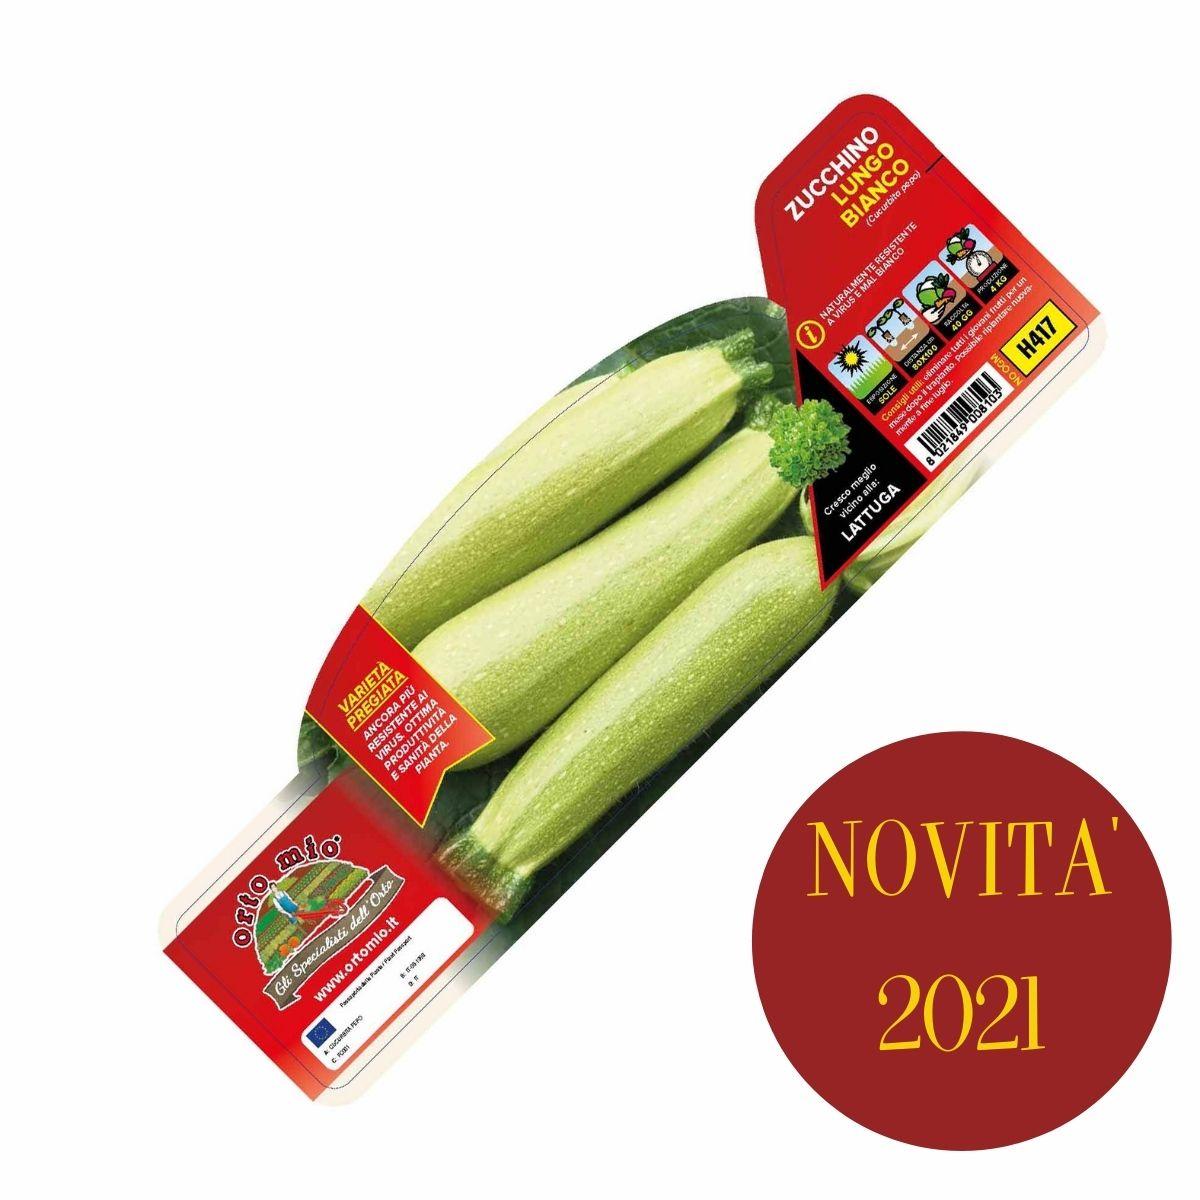 Zucchino Lungo Bianco var. Ismalia F1